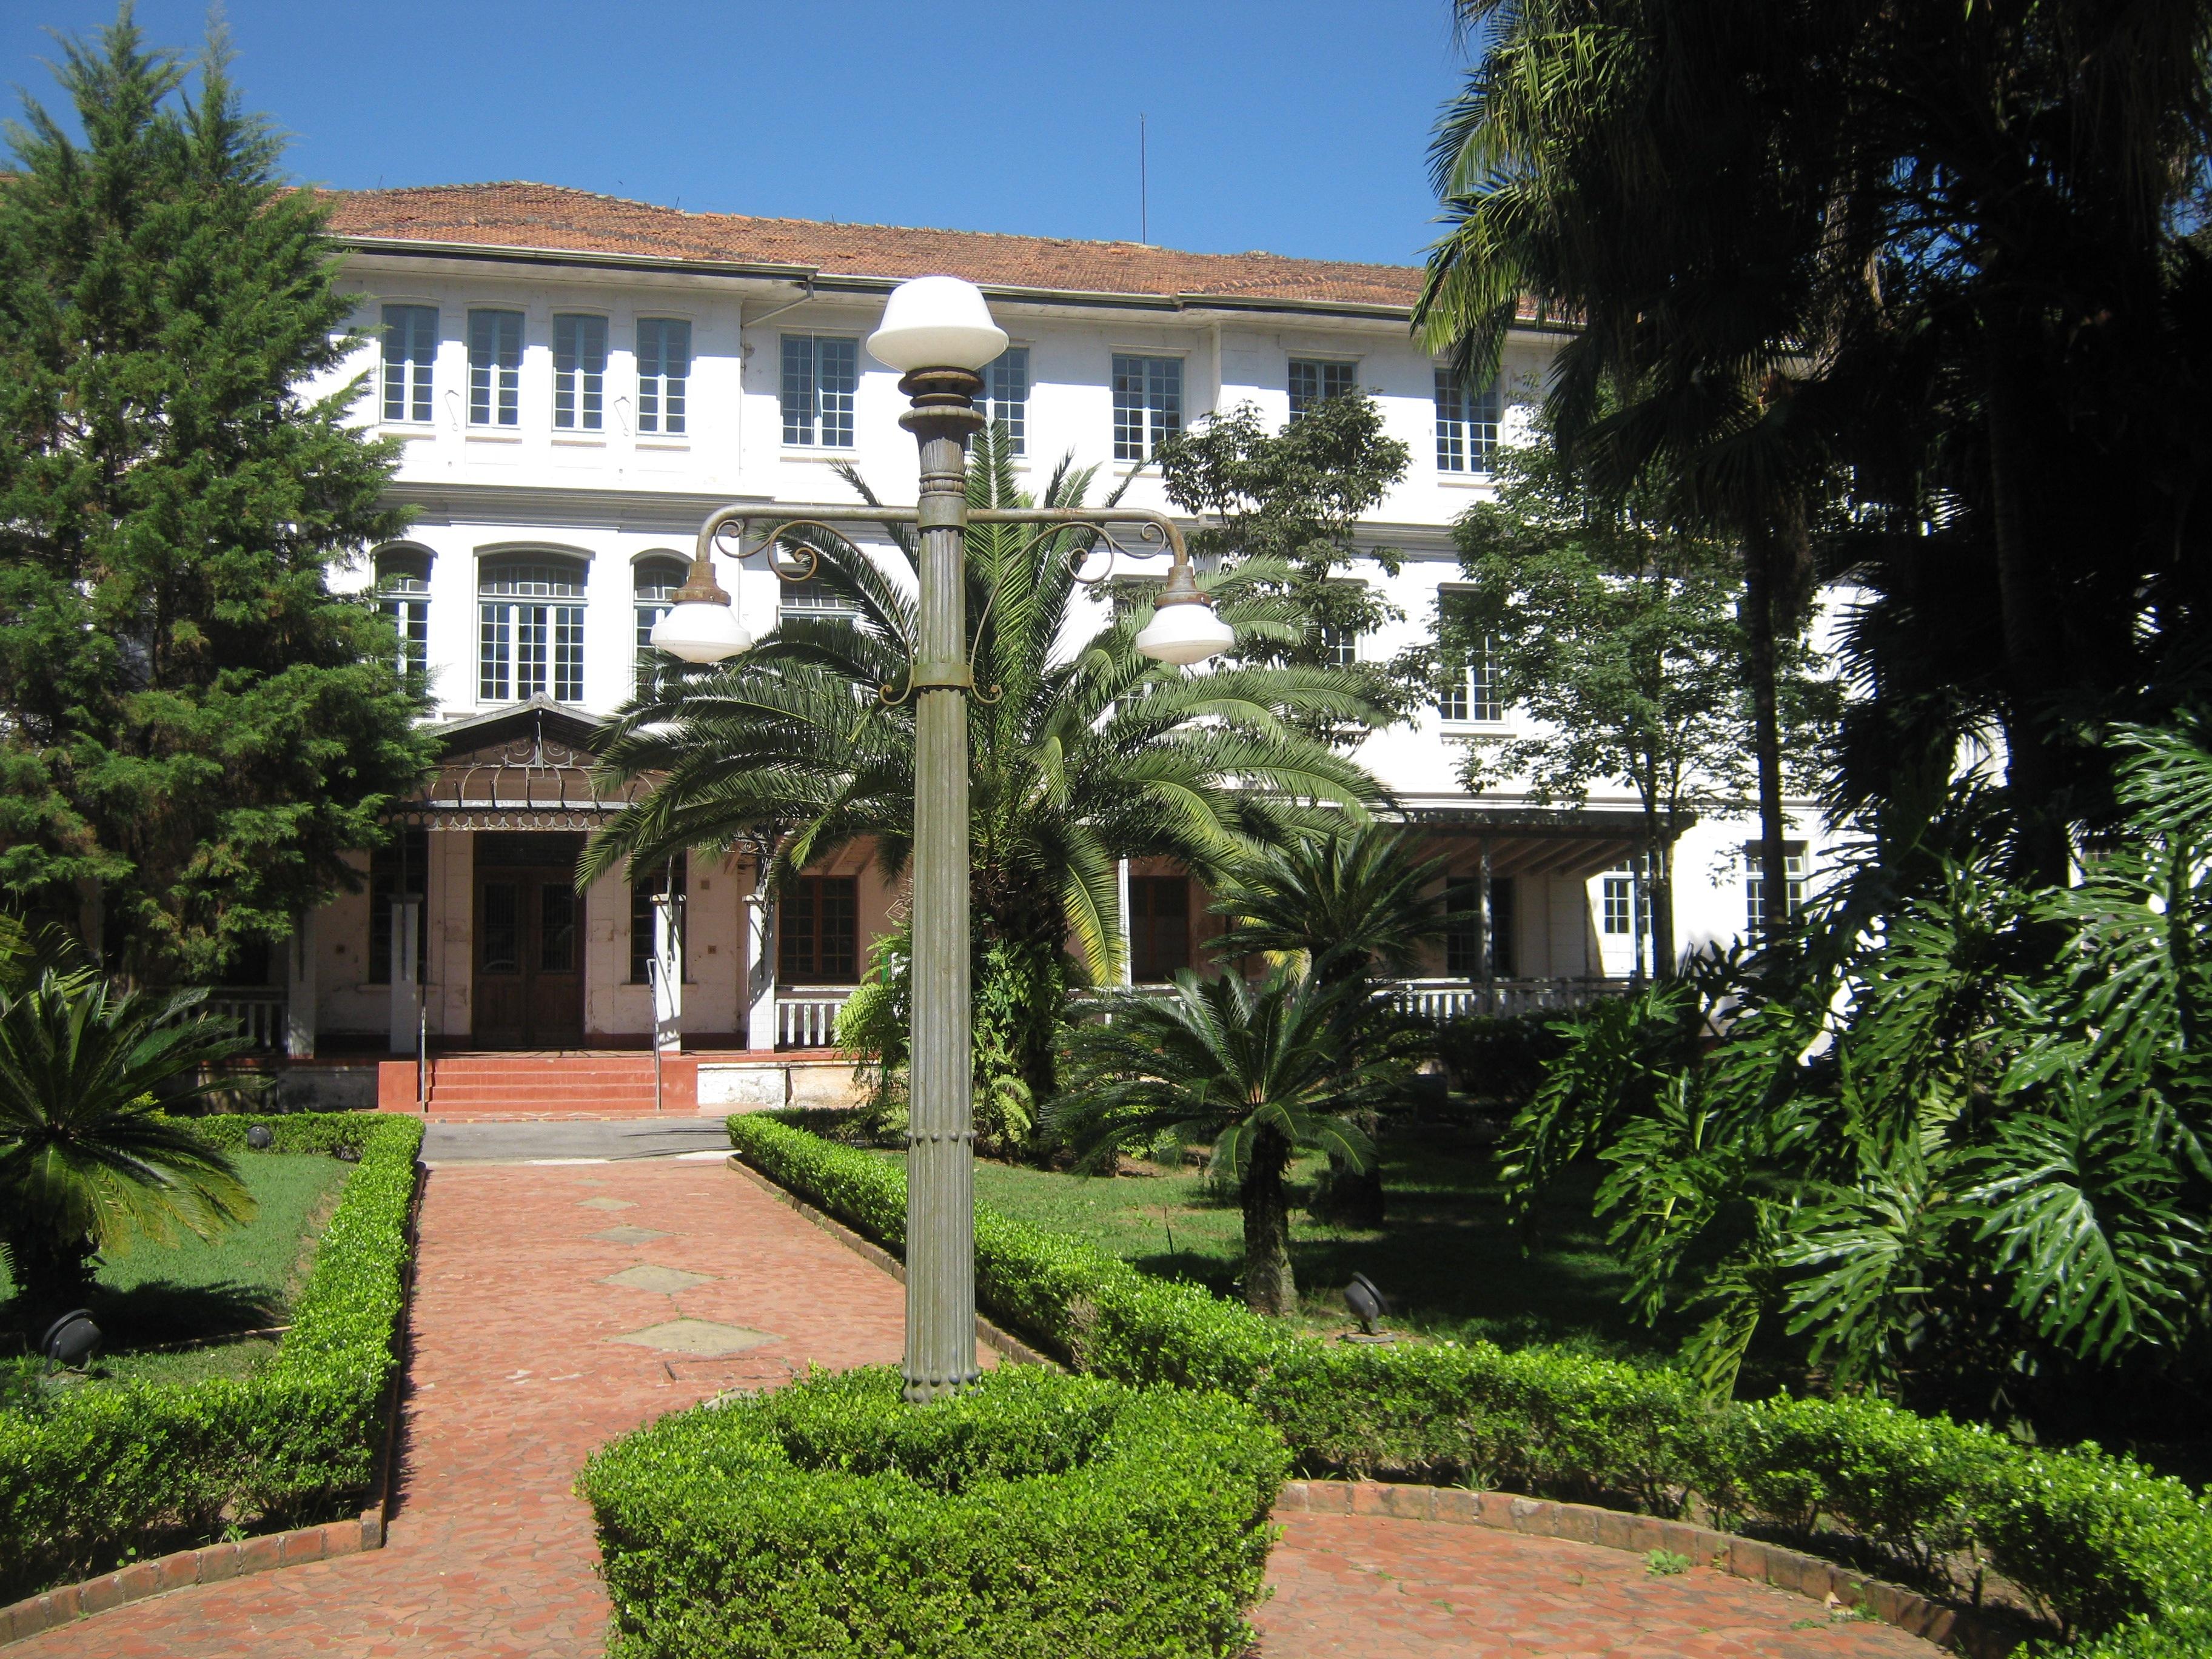 free images landscape architecture villa mansion house